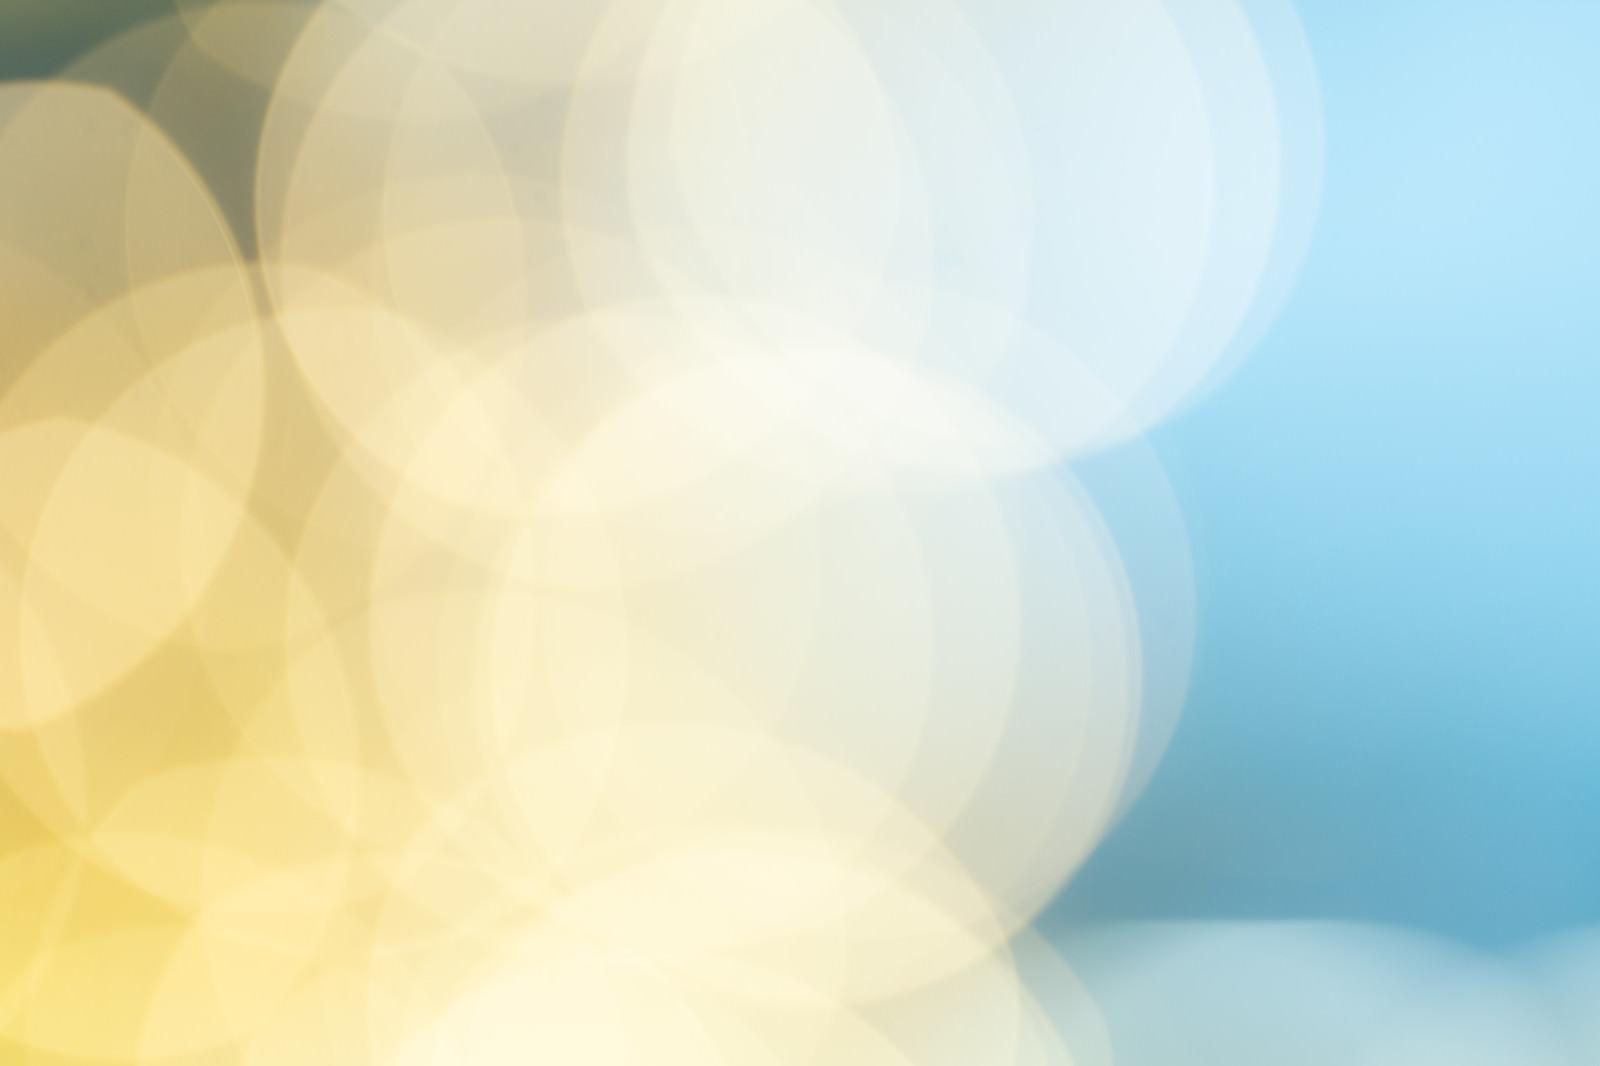 「黄色と青のグラデーション(丸ボケ)」の写真